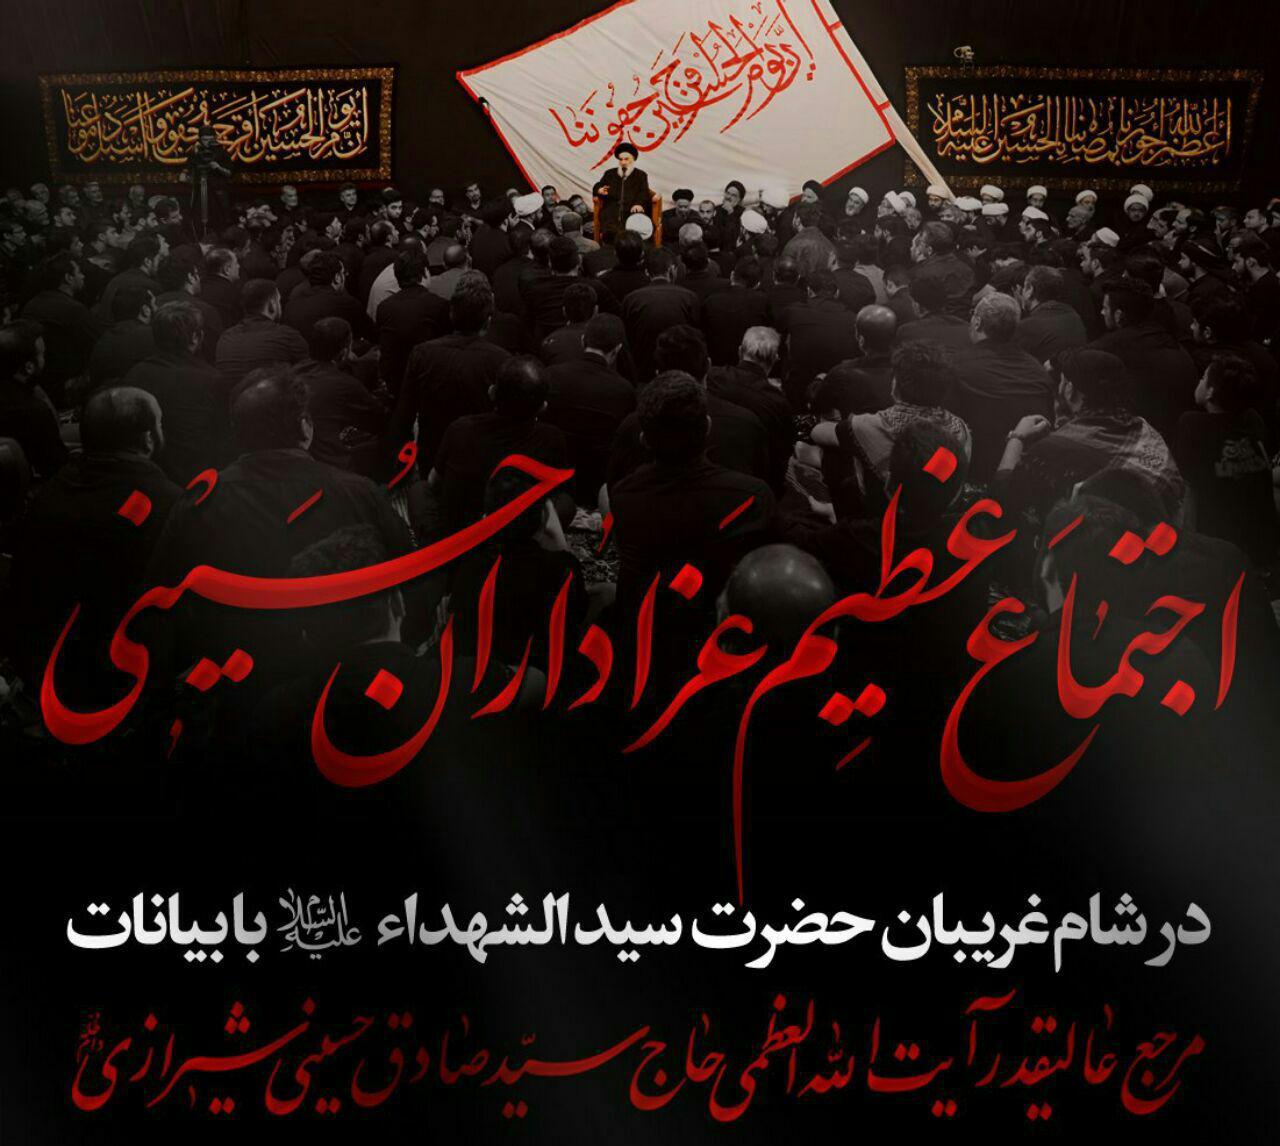 تصویر اجتماع بزرگ عزاداران حسینی در بیت مرجعیت شیعه آیت الله العظمی شیرازی